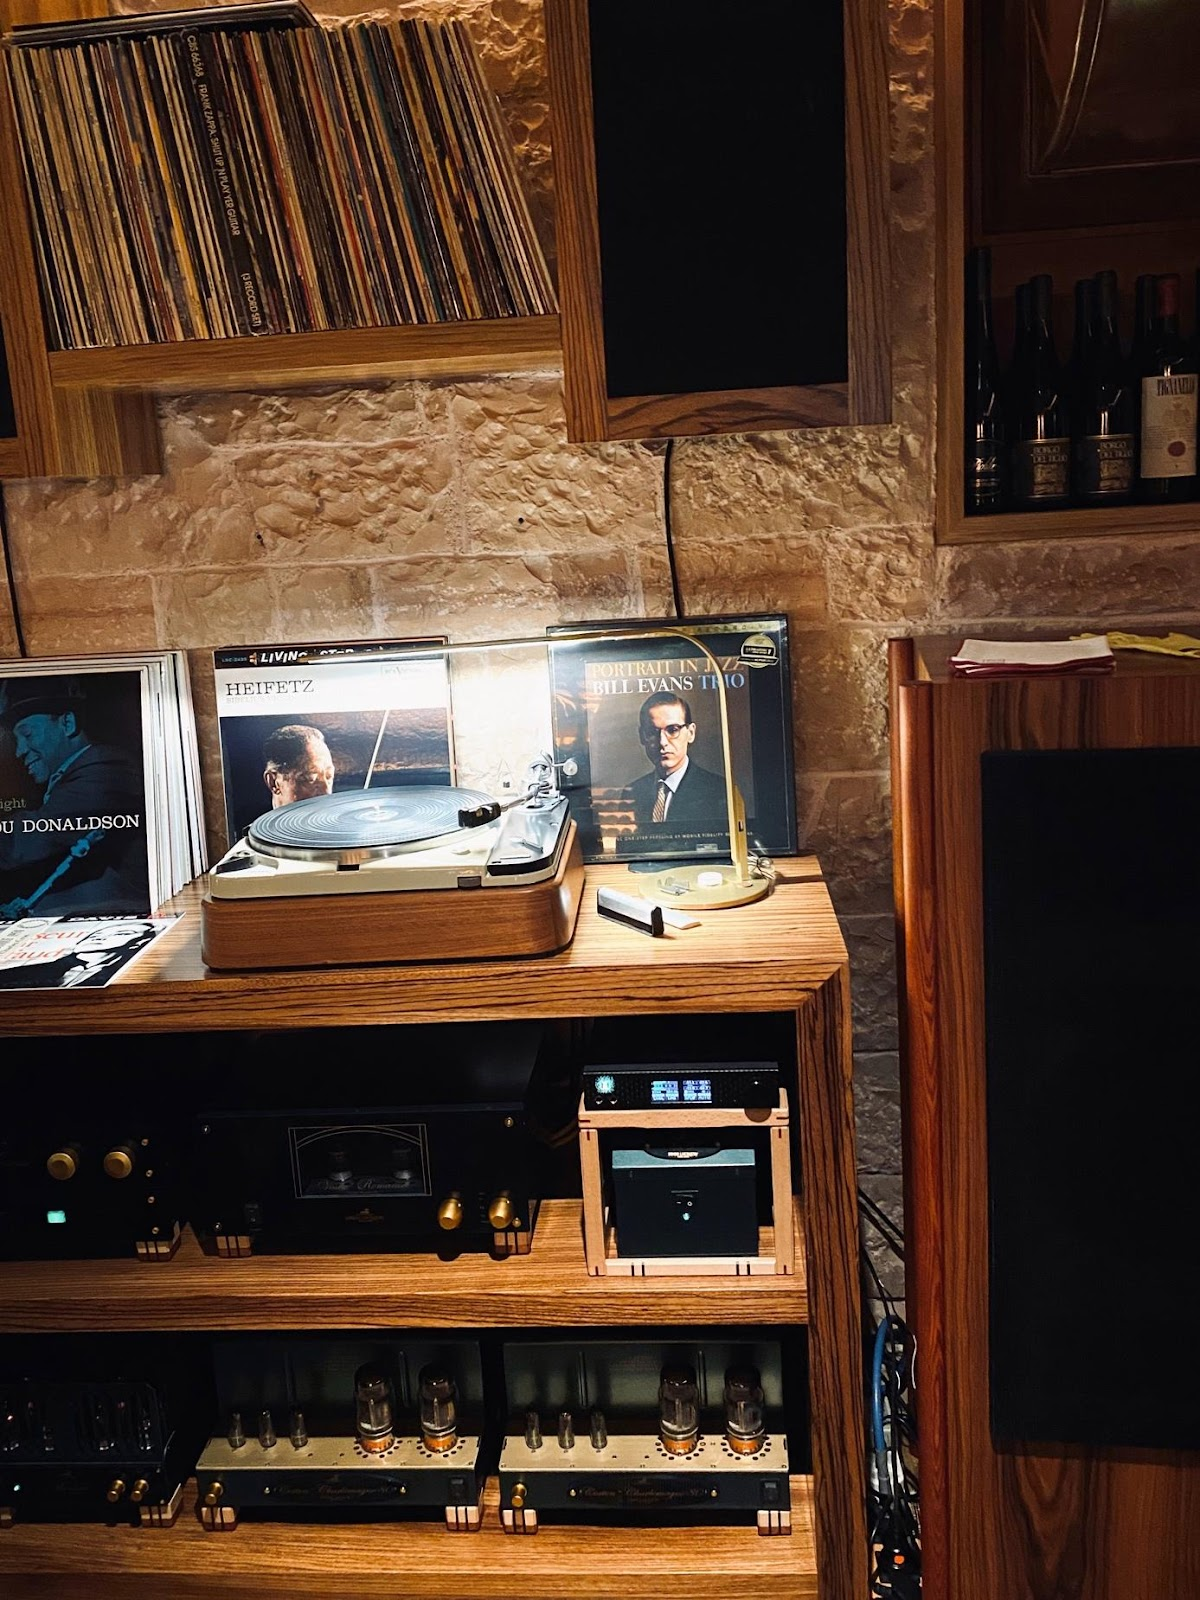 Ein Bild, das Text, drinnen, Regal, Unterhaltungszentrum enthält.  Automatisch generierte Beschreibung